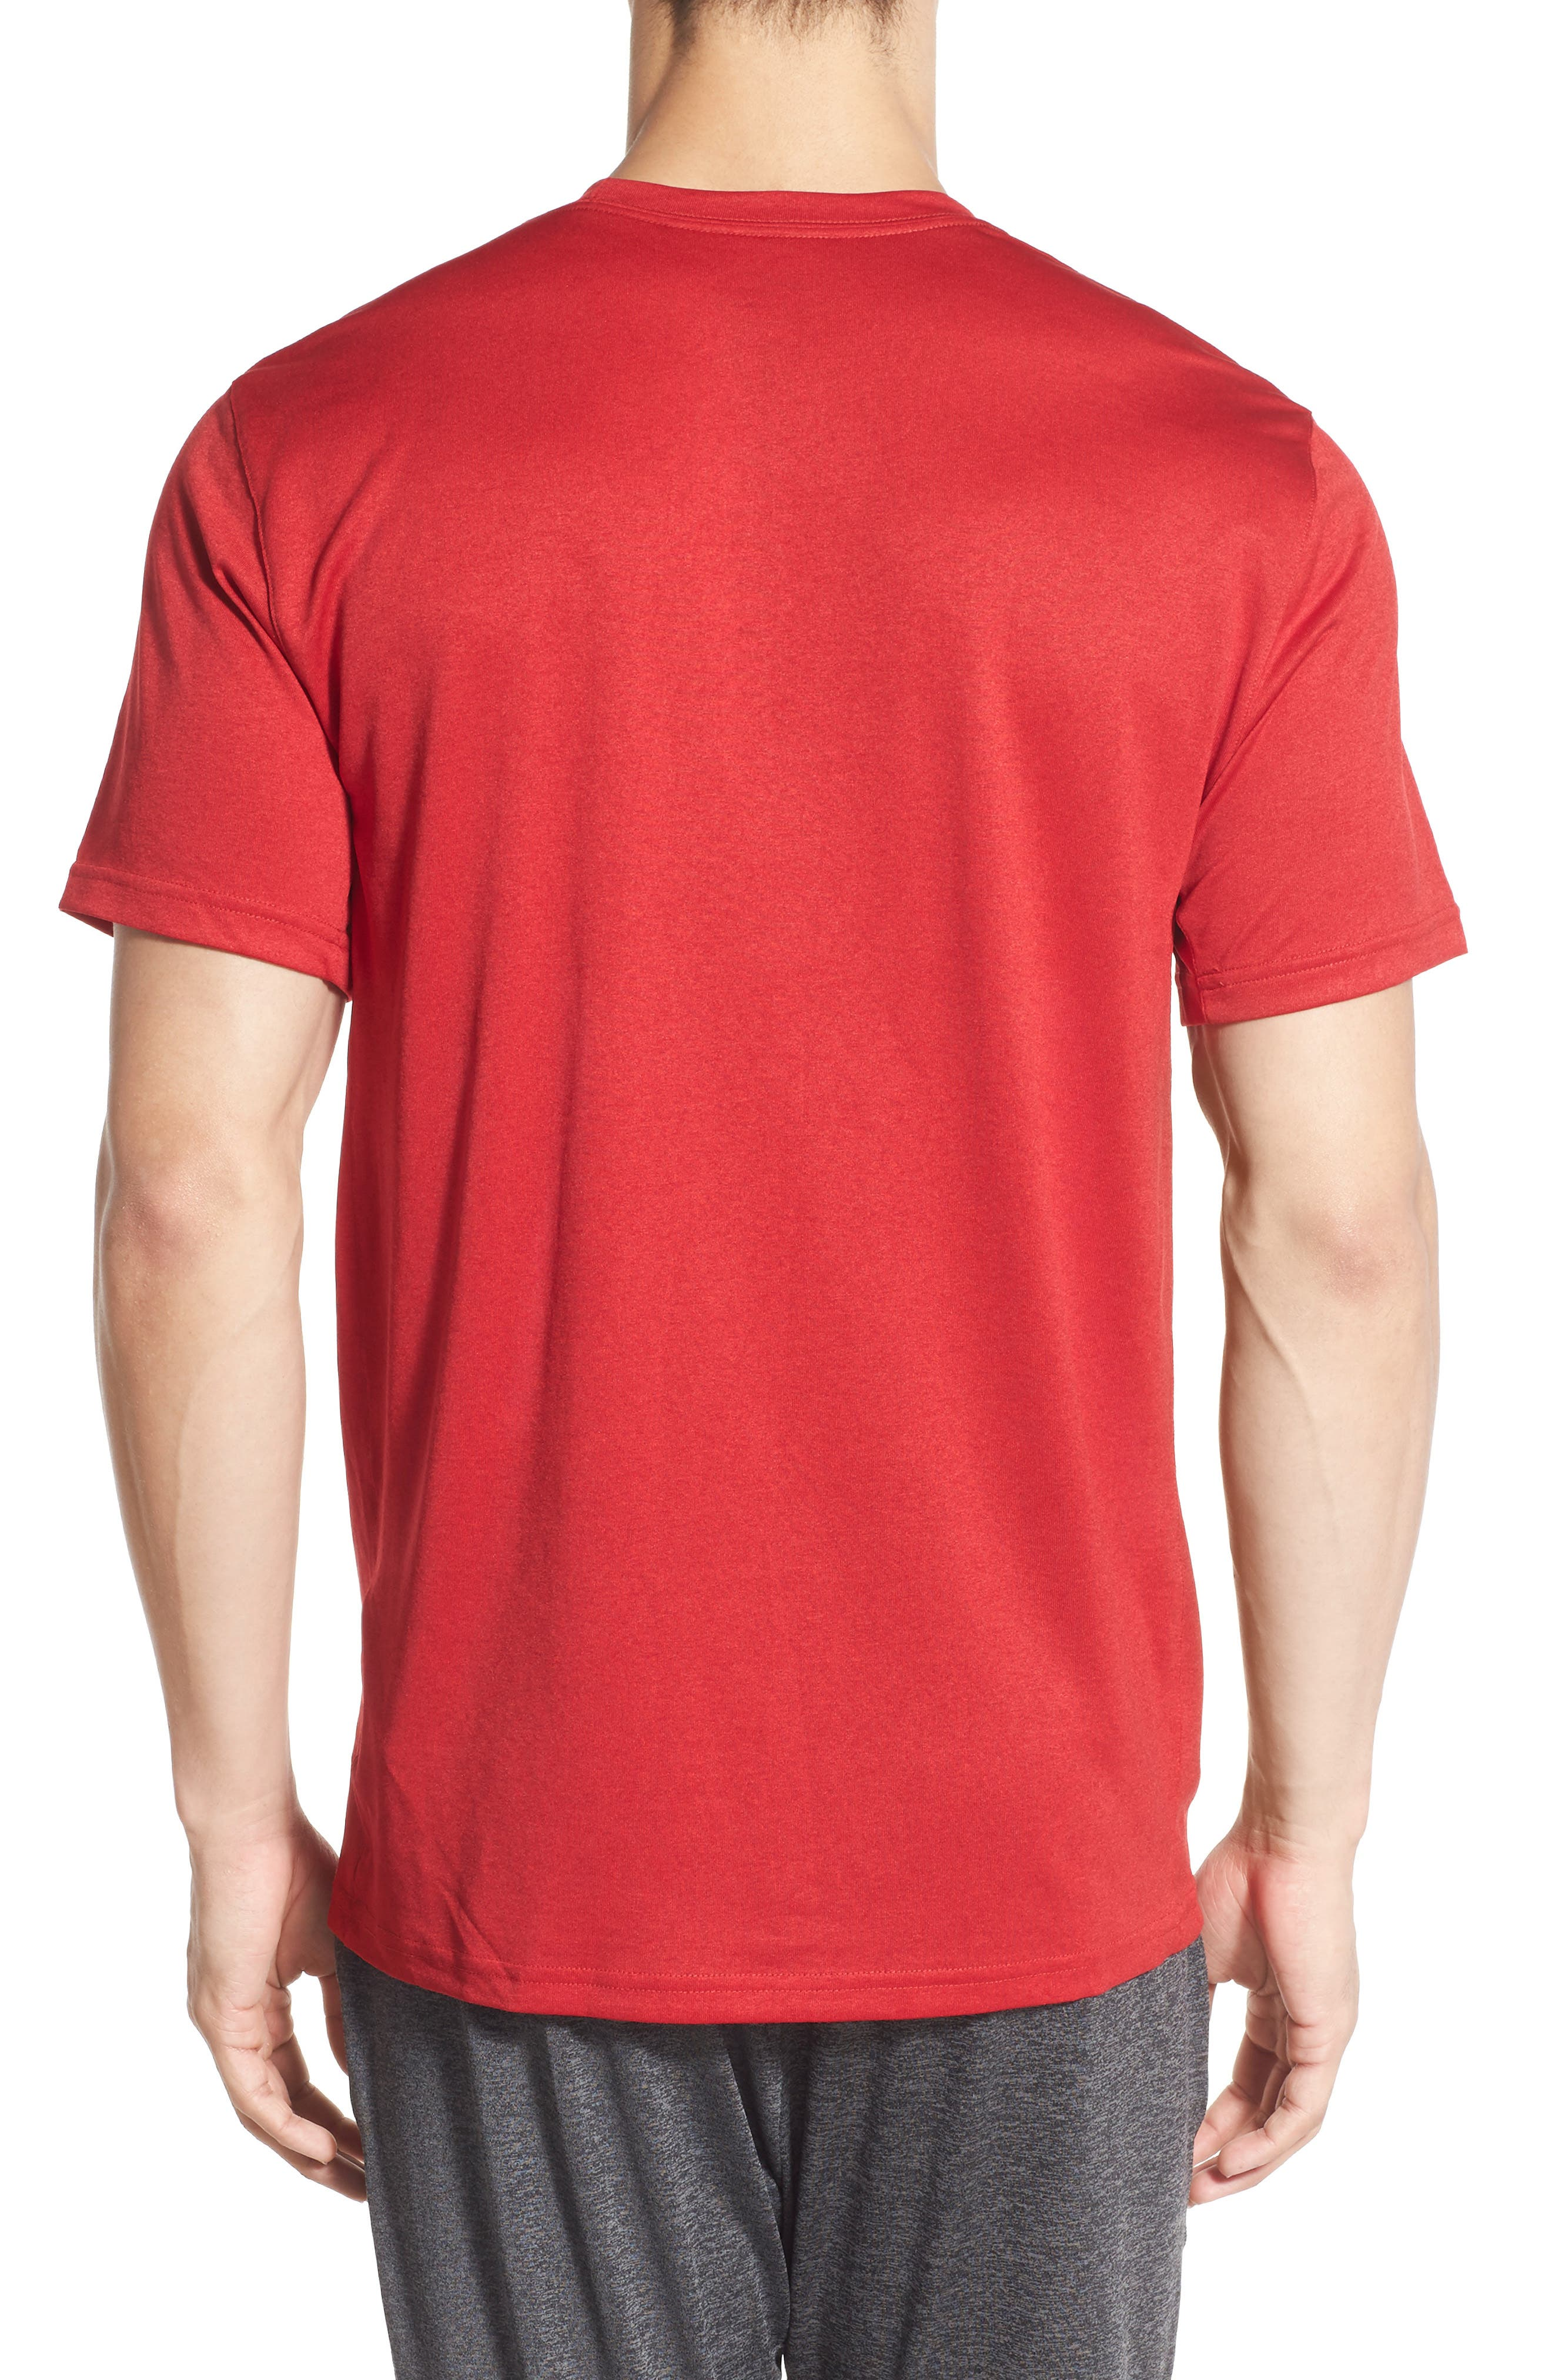 Legend 2.0 Dri-FIT Graphic T-Shirt,                             Main thumbnail 1, color,                             GYM RED/BLACK/BLACK